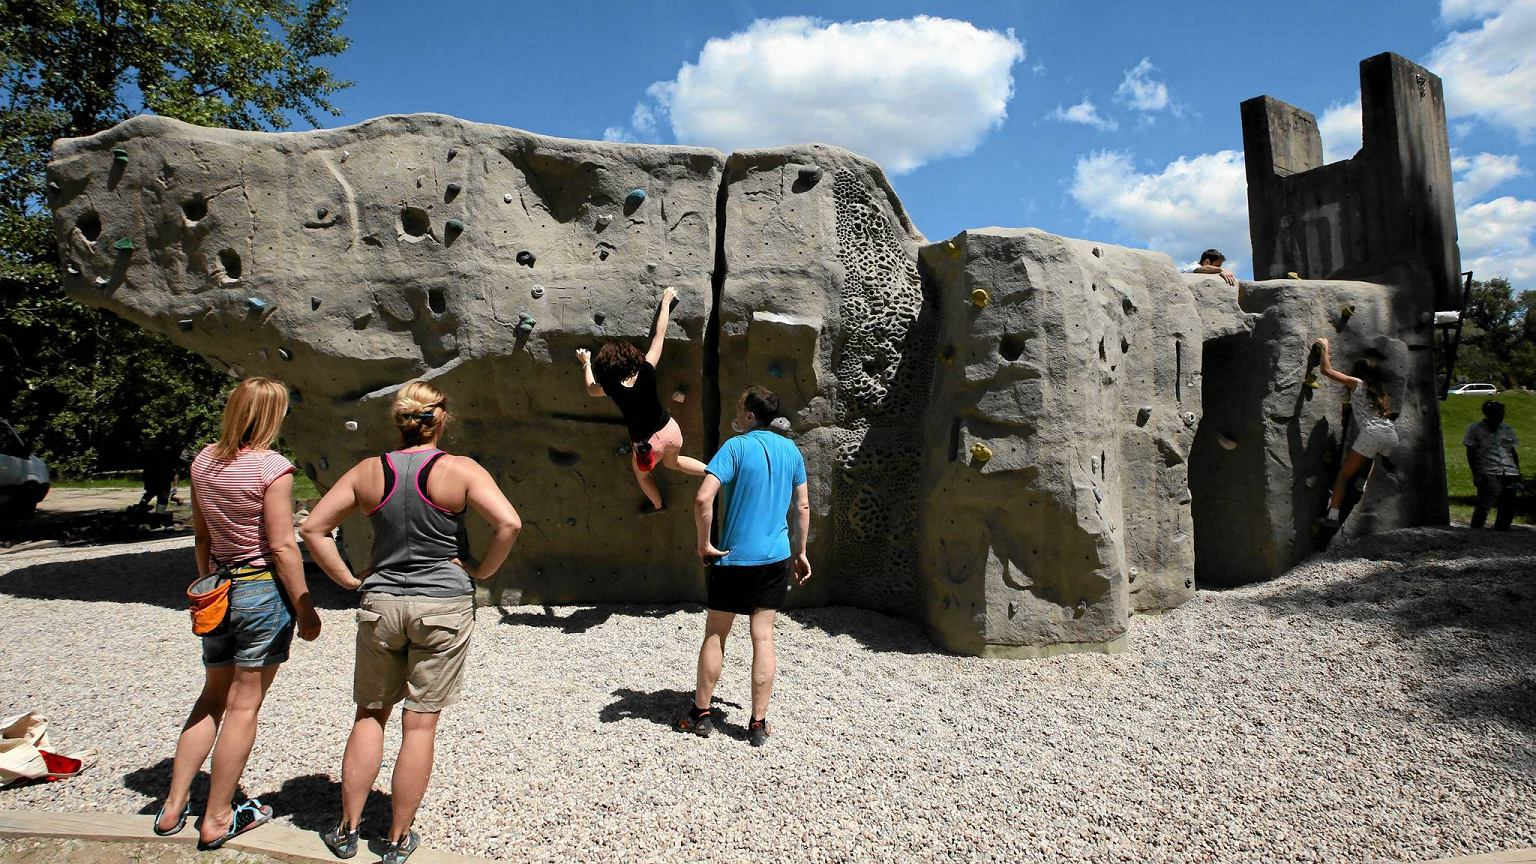 Zdjęcie do projektu Bezobsługowy kompleks wspinaczkowy dla dzieci i zaawansowanych wspinaczy (sztuczne głazy do wspinania - bouldery)